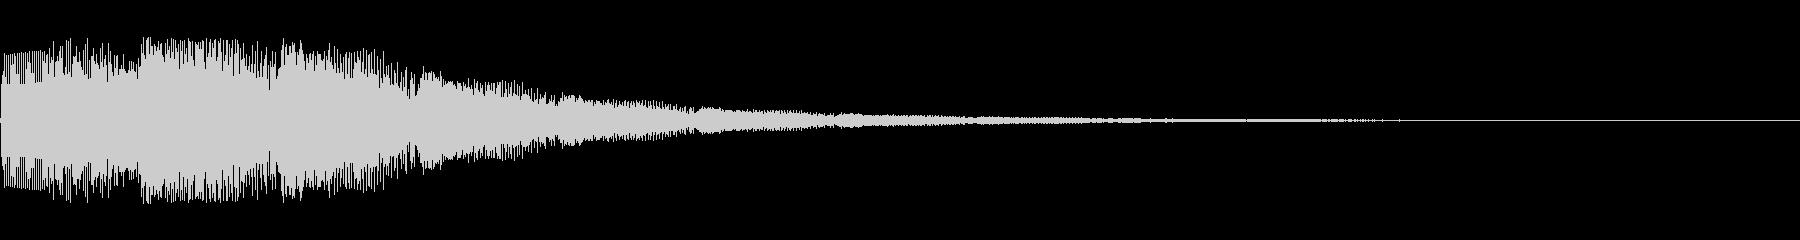 シンセサイザー シーン切り替え1の未再生の波形